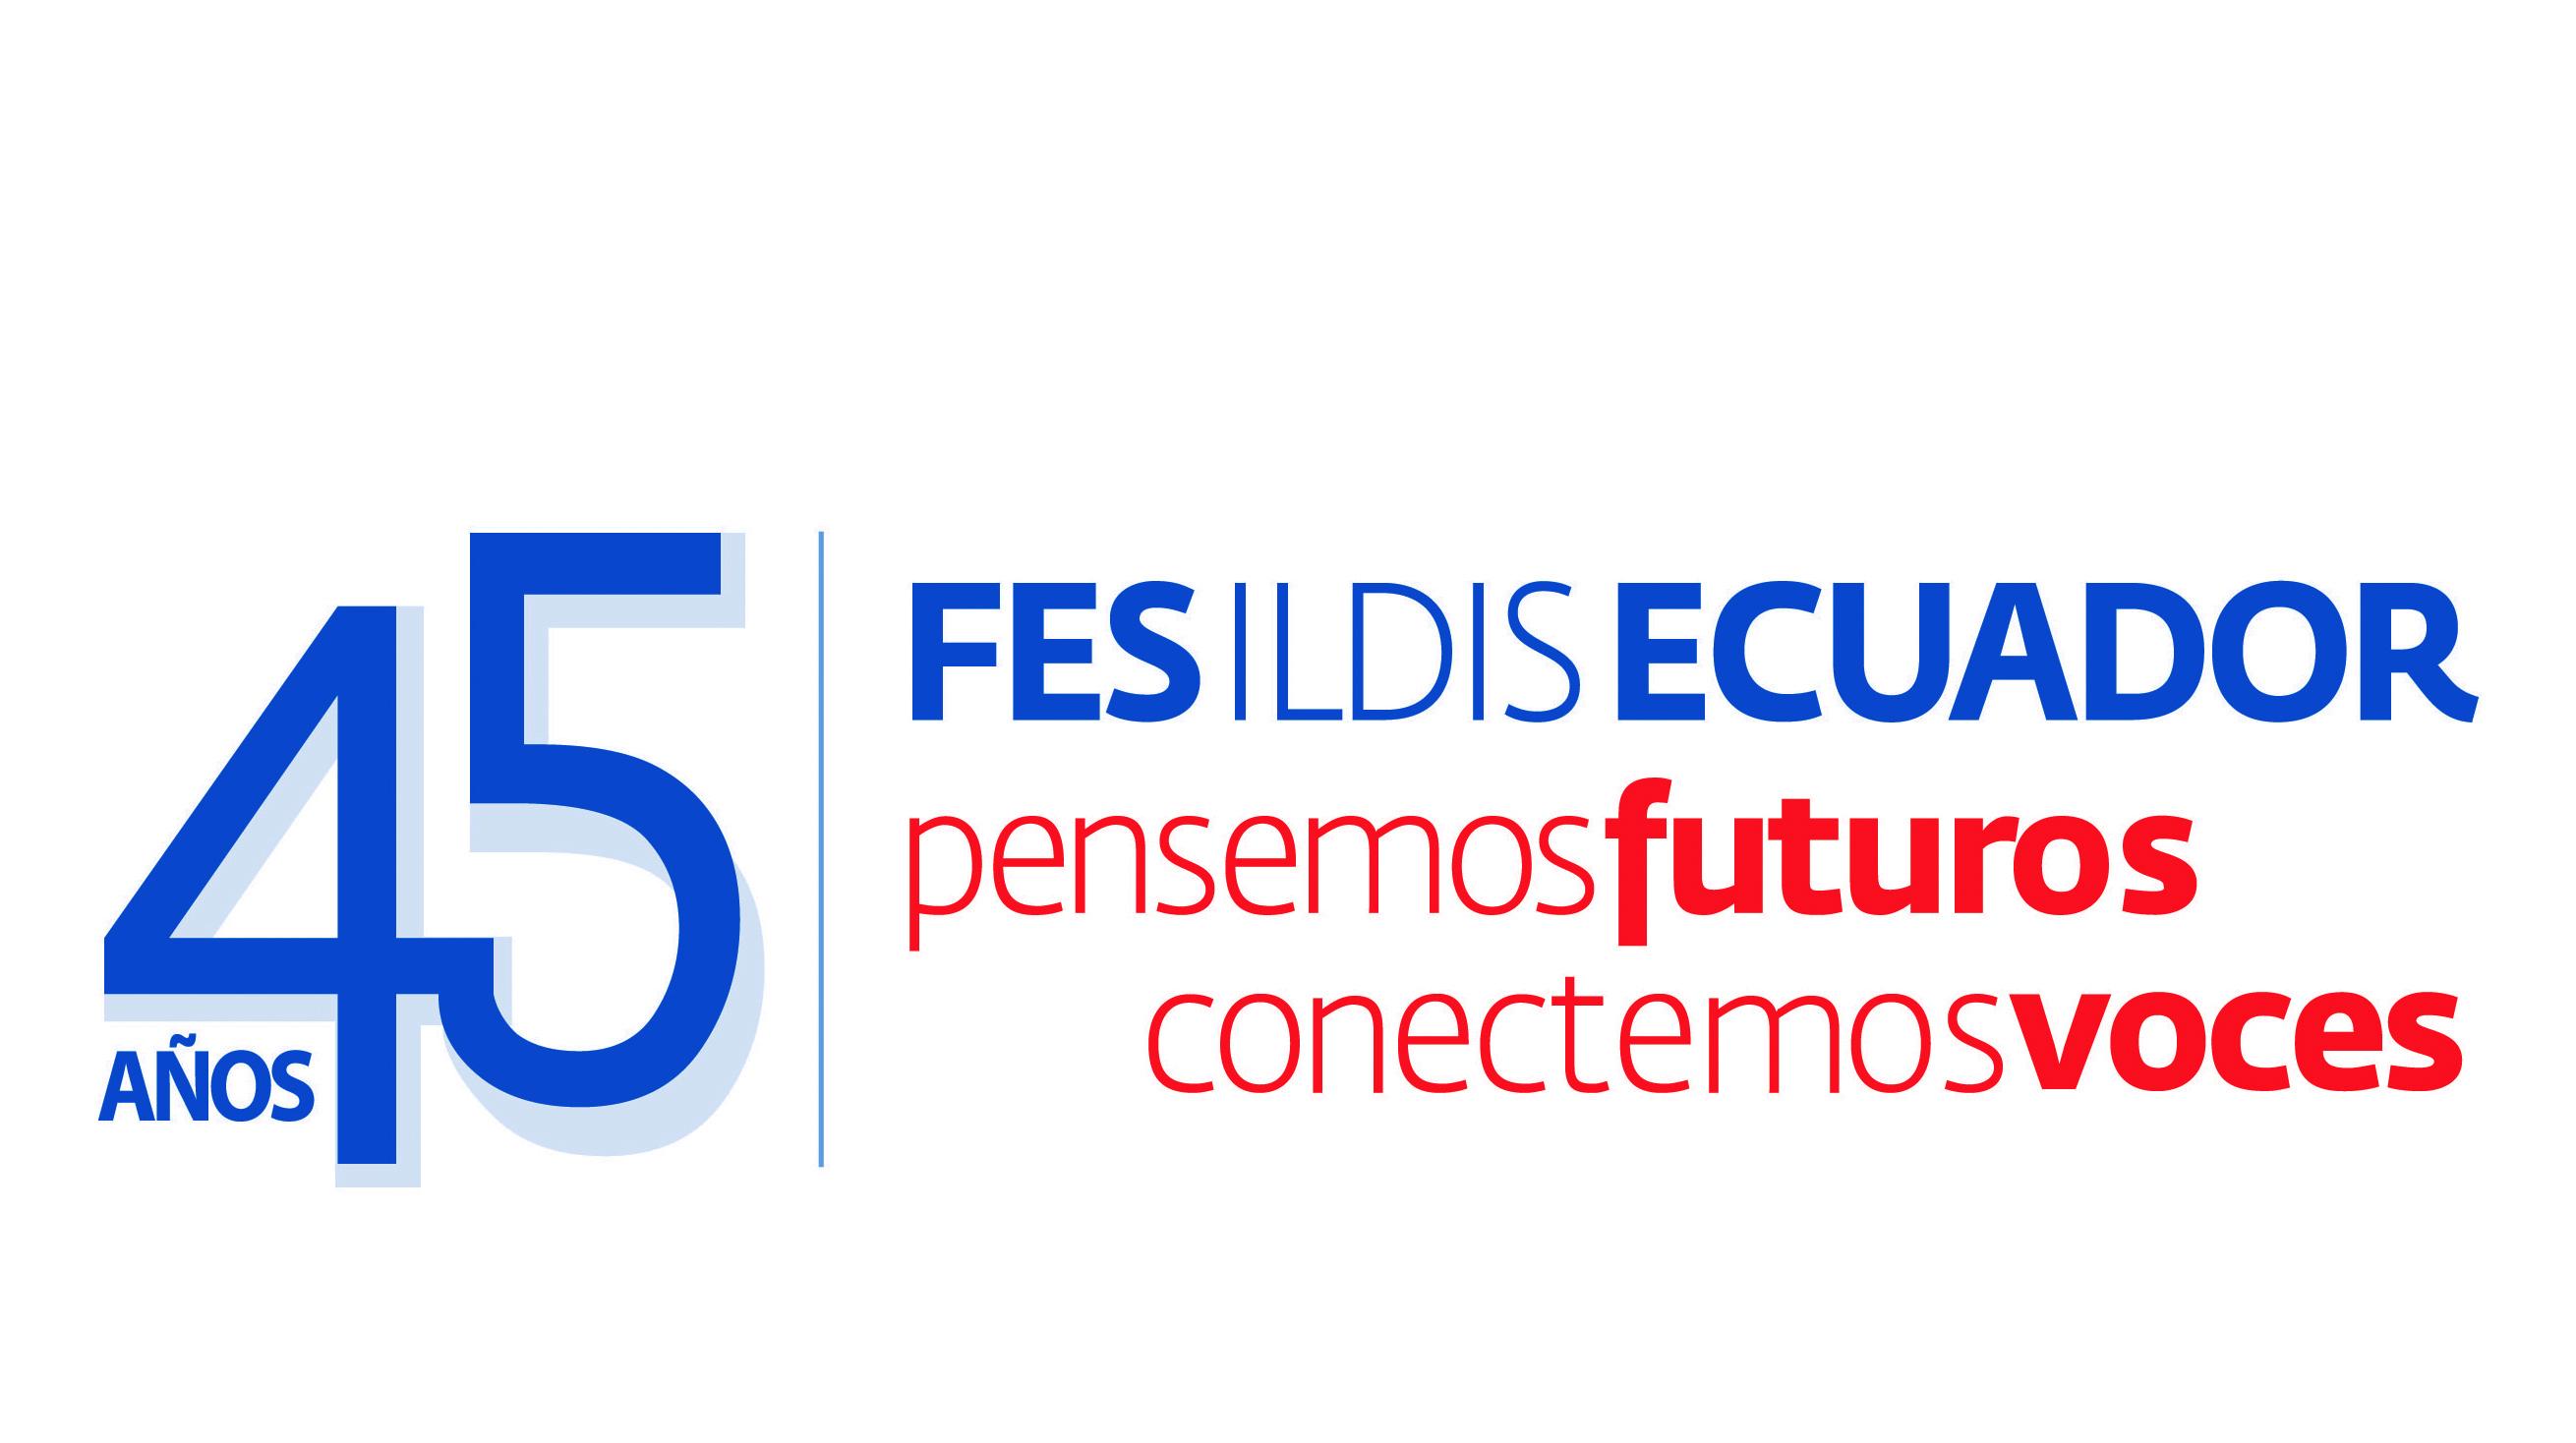 FES 45 años